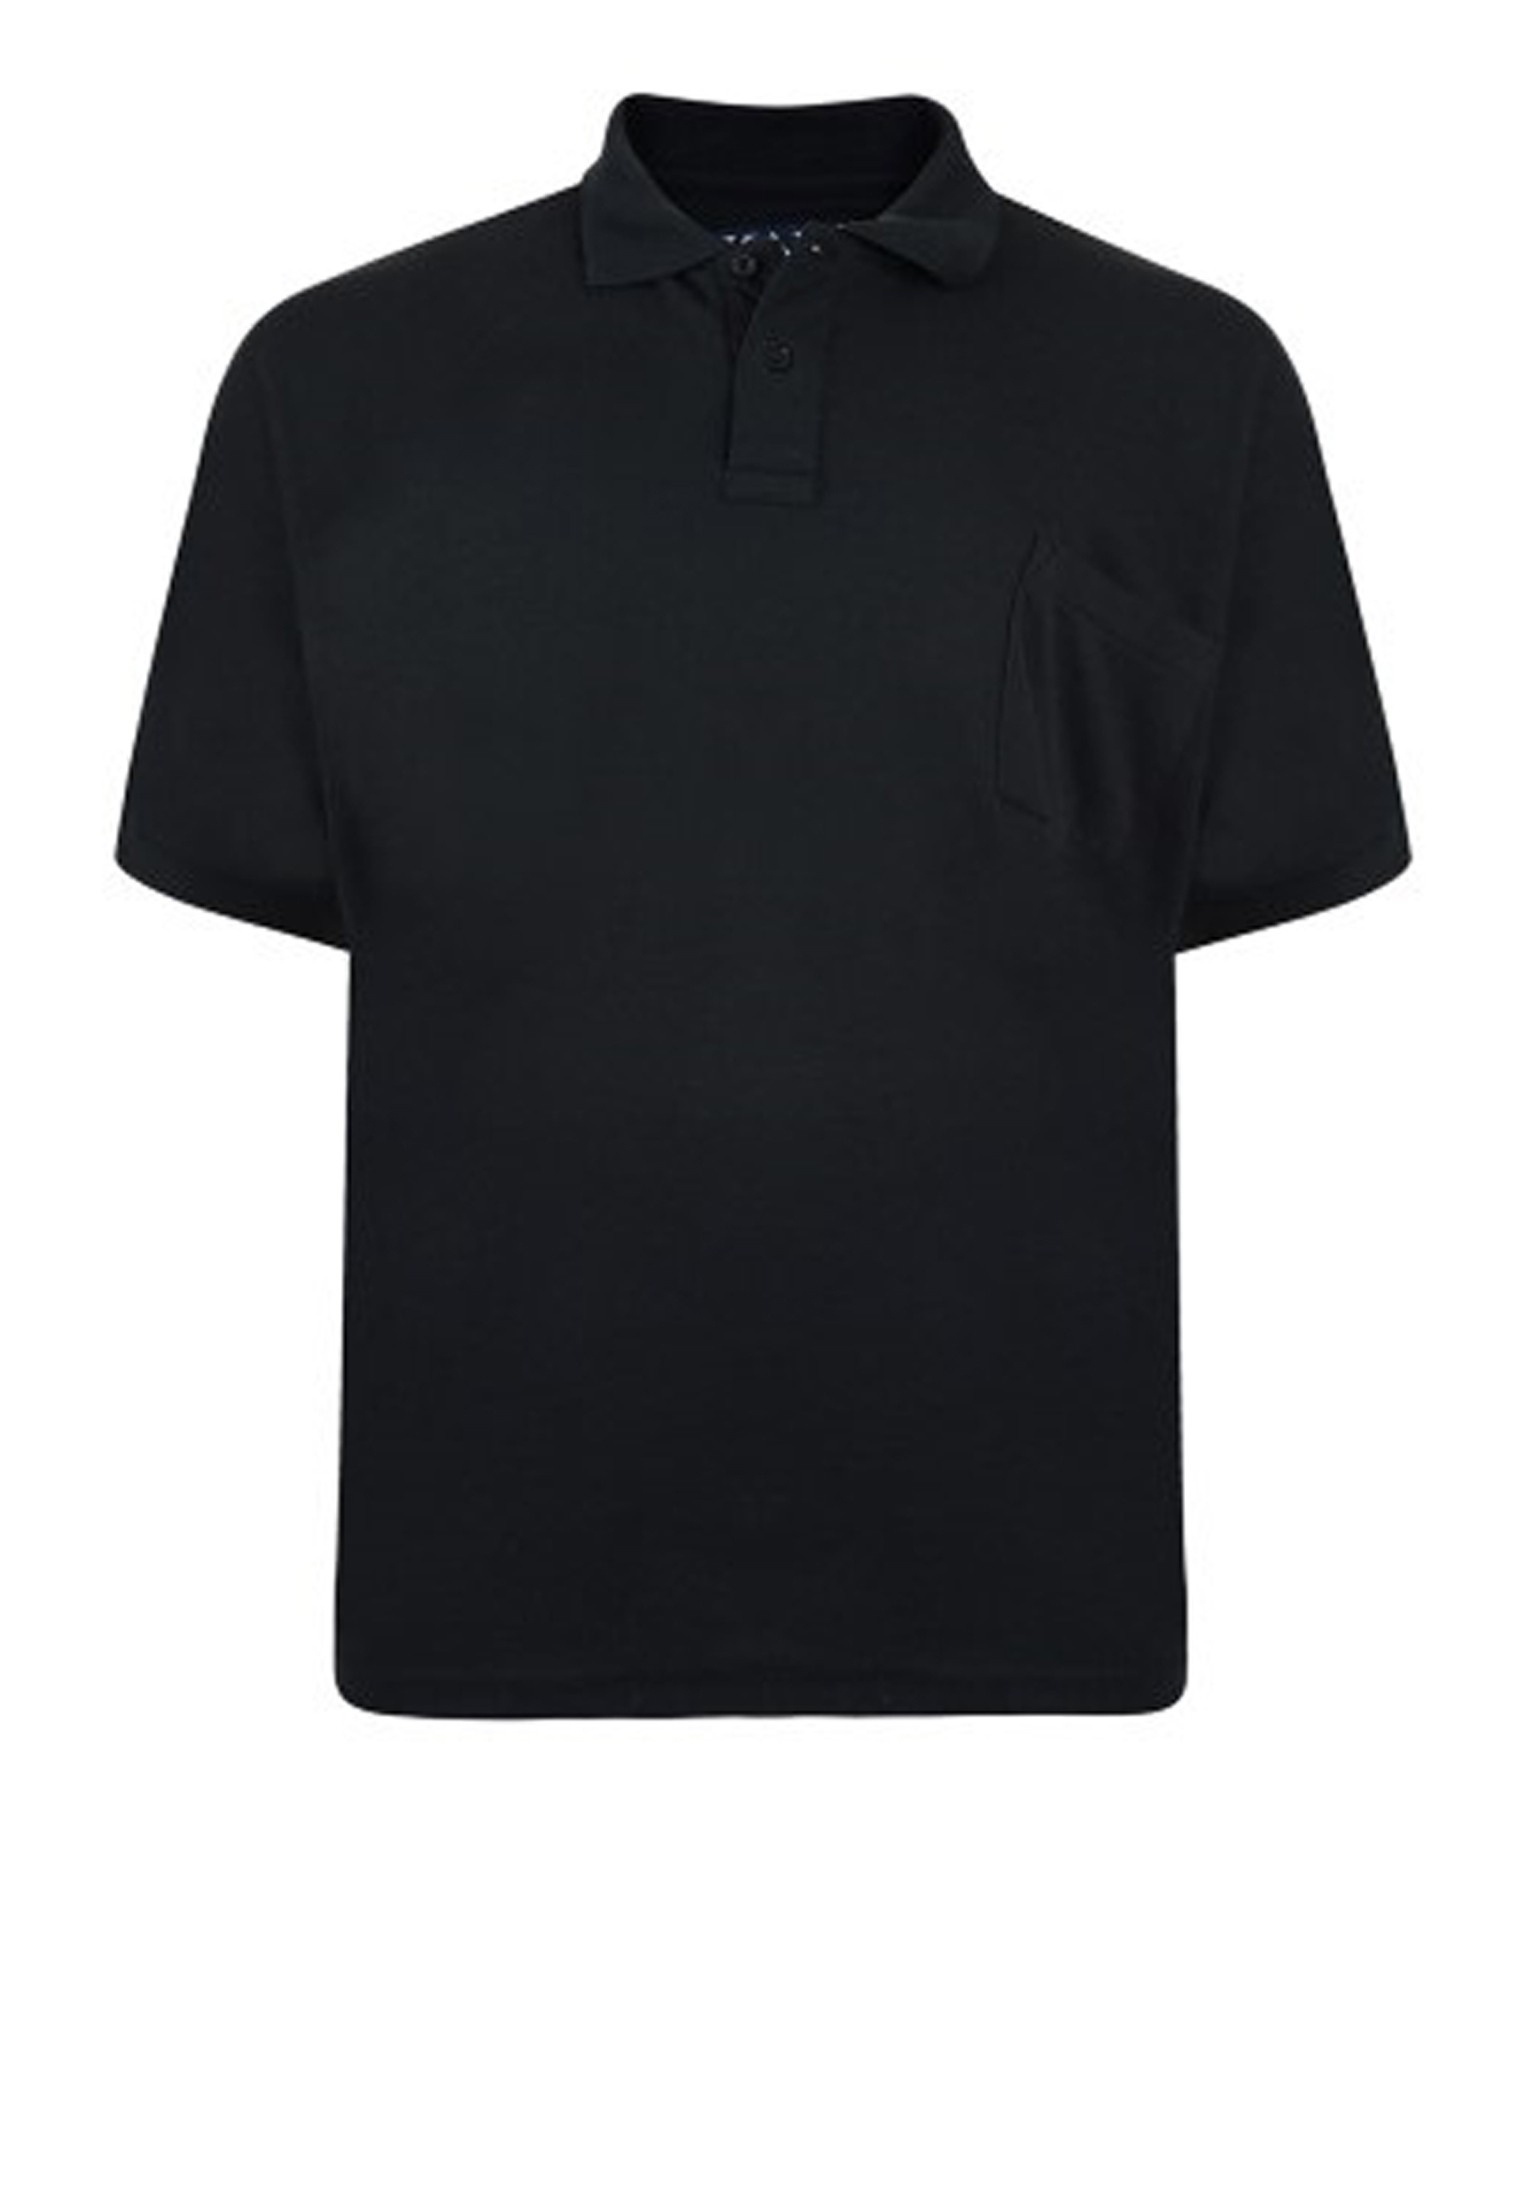 Effen polo van het merk KAM JEANSWEAR met een borstzakje op de linkerborst en een 3-knoopslijst. in de kleur zwart.